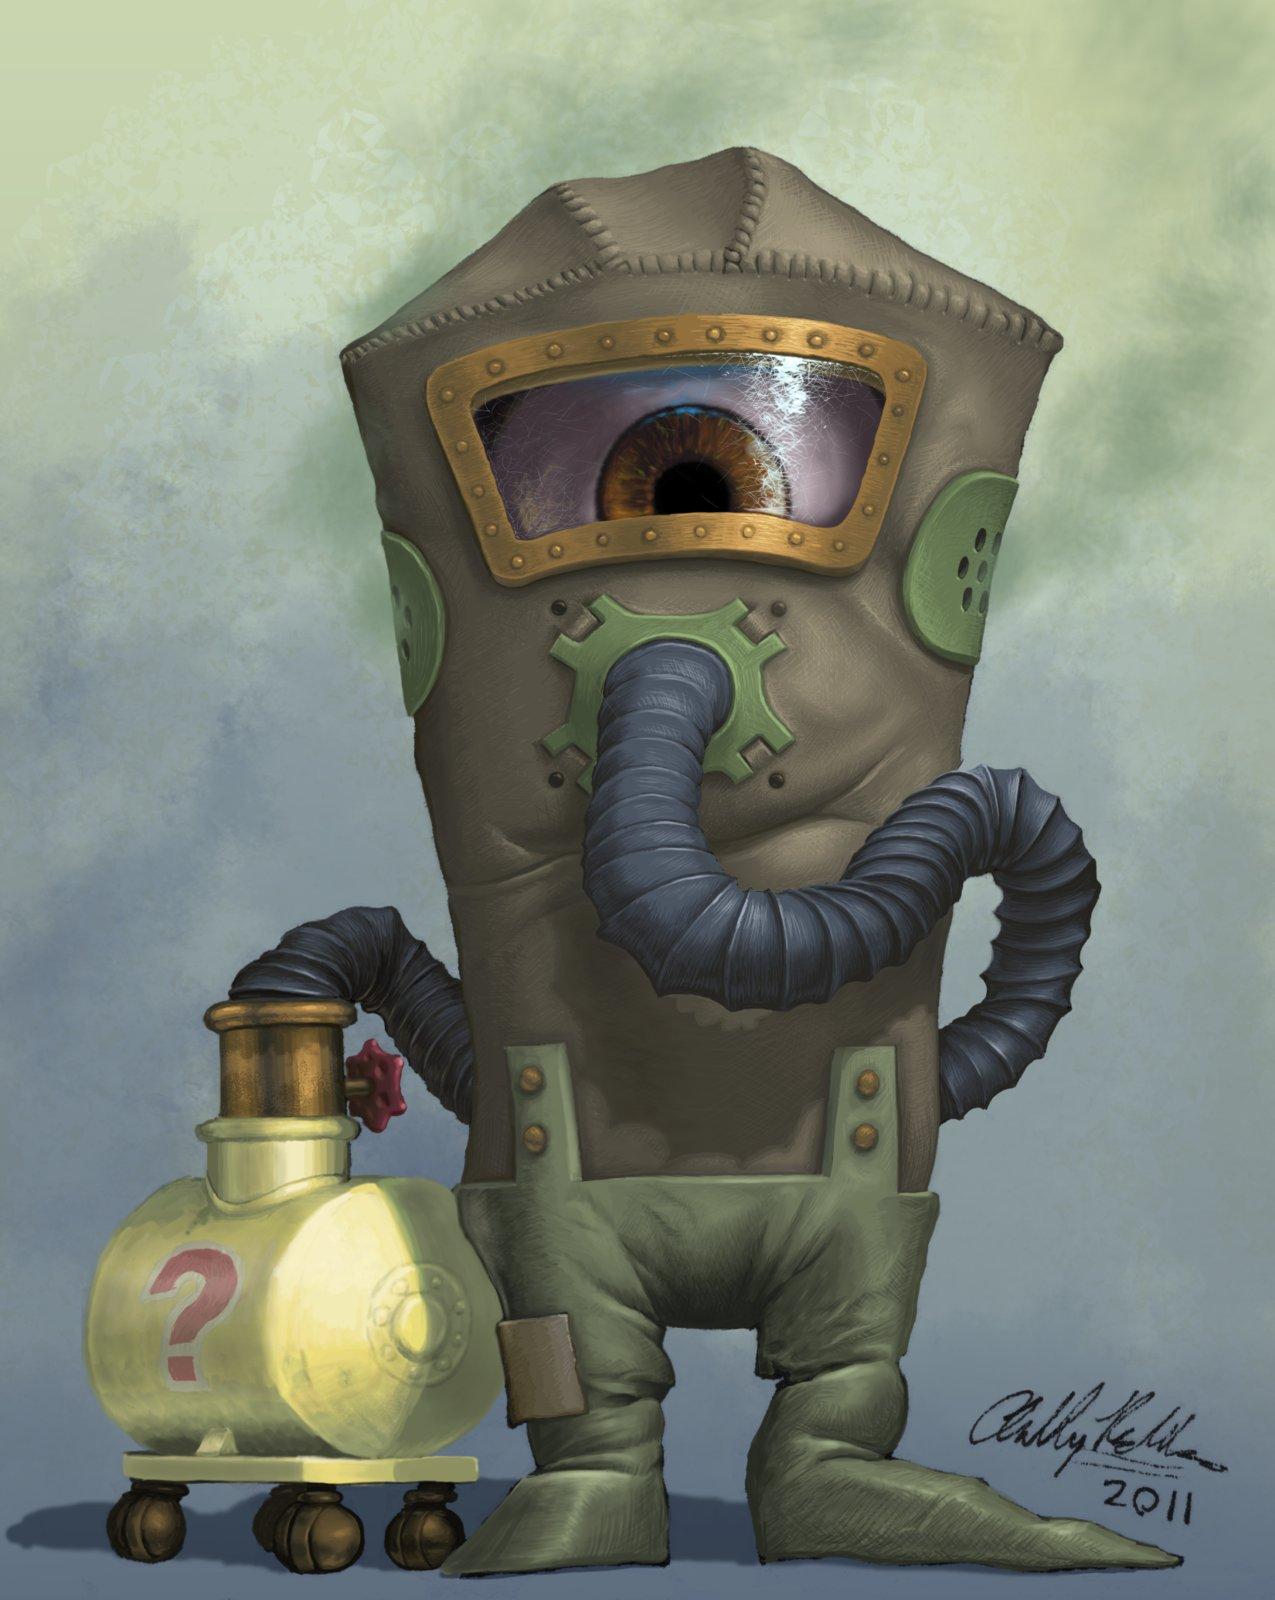 2011 - Gas Mask